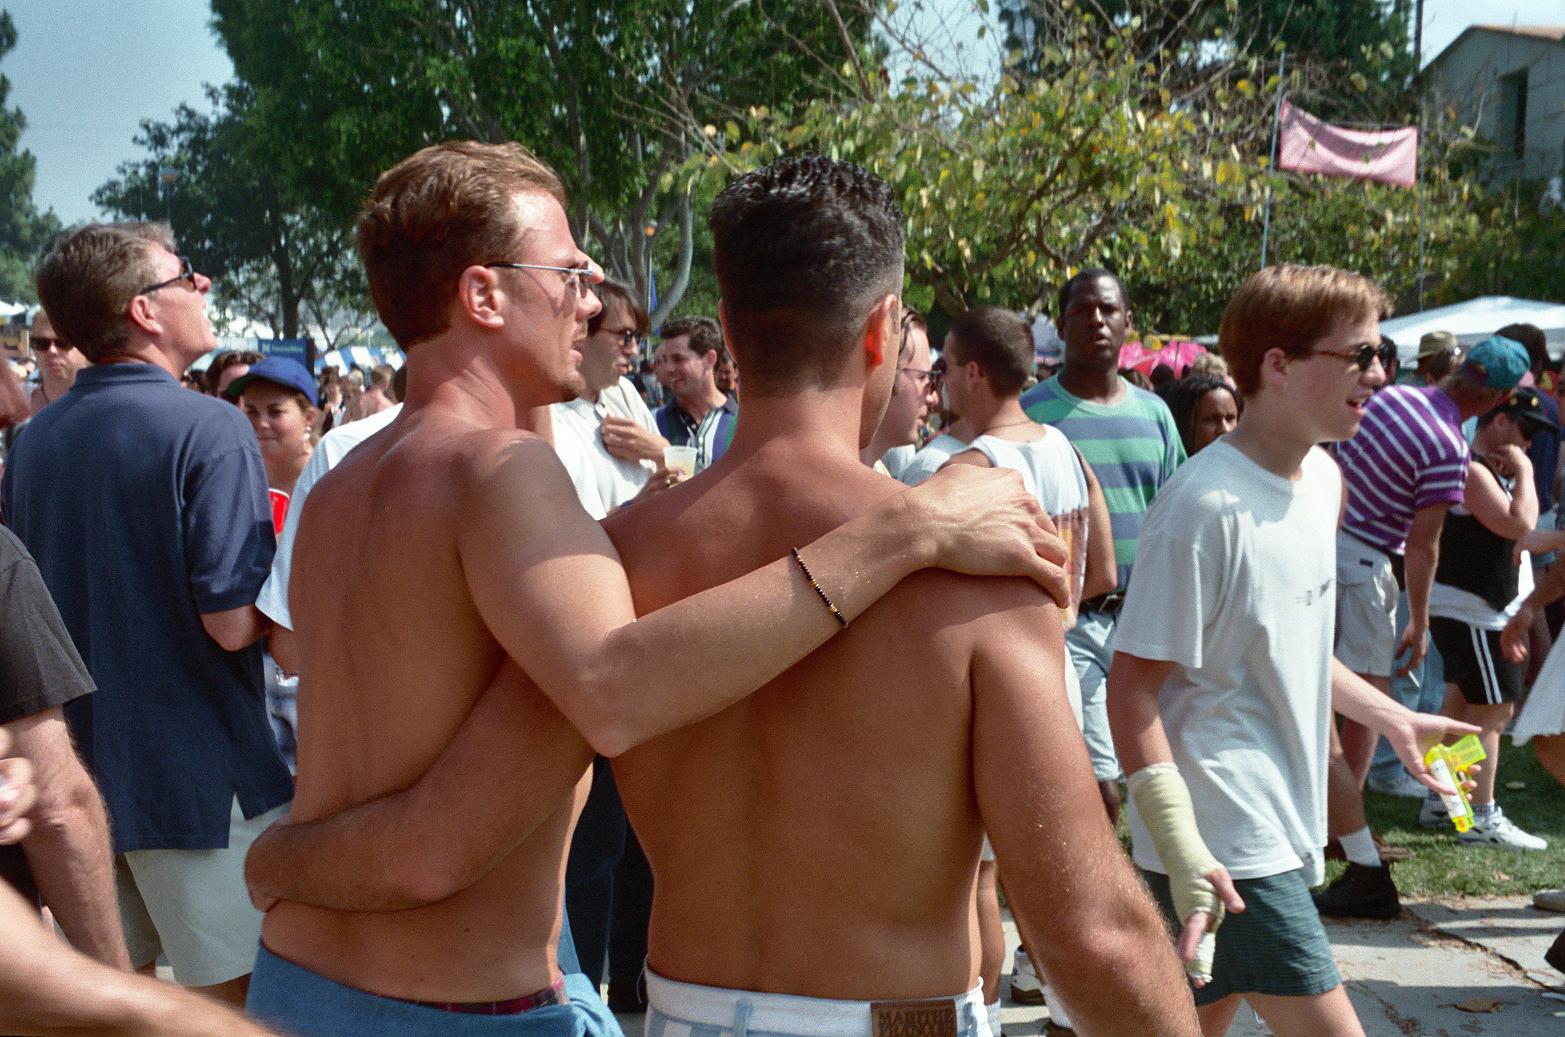 la-pride-1987-1995_21689297273_o